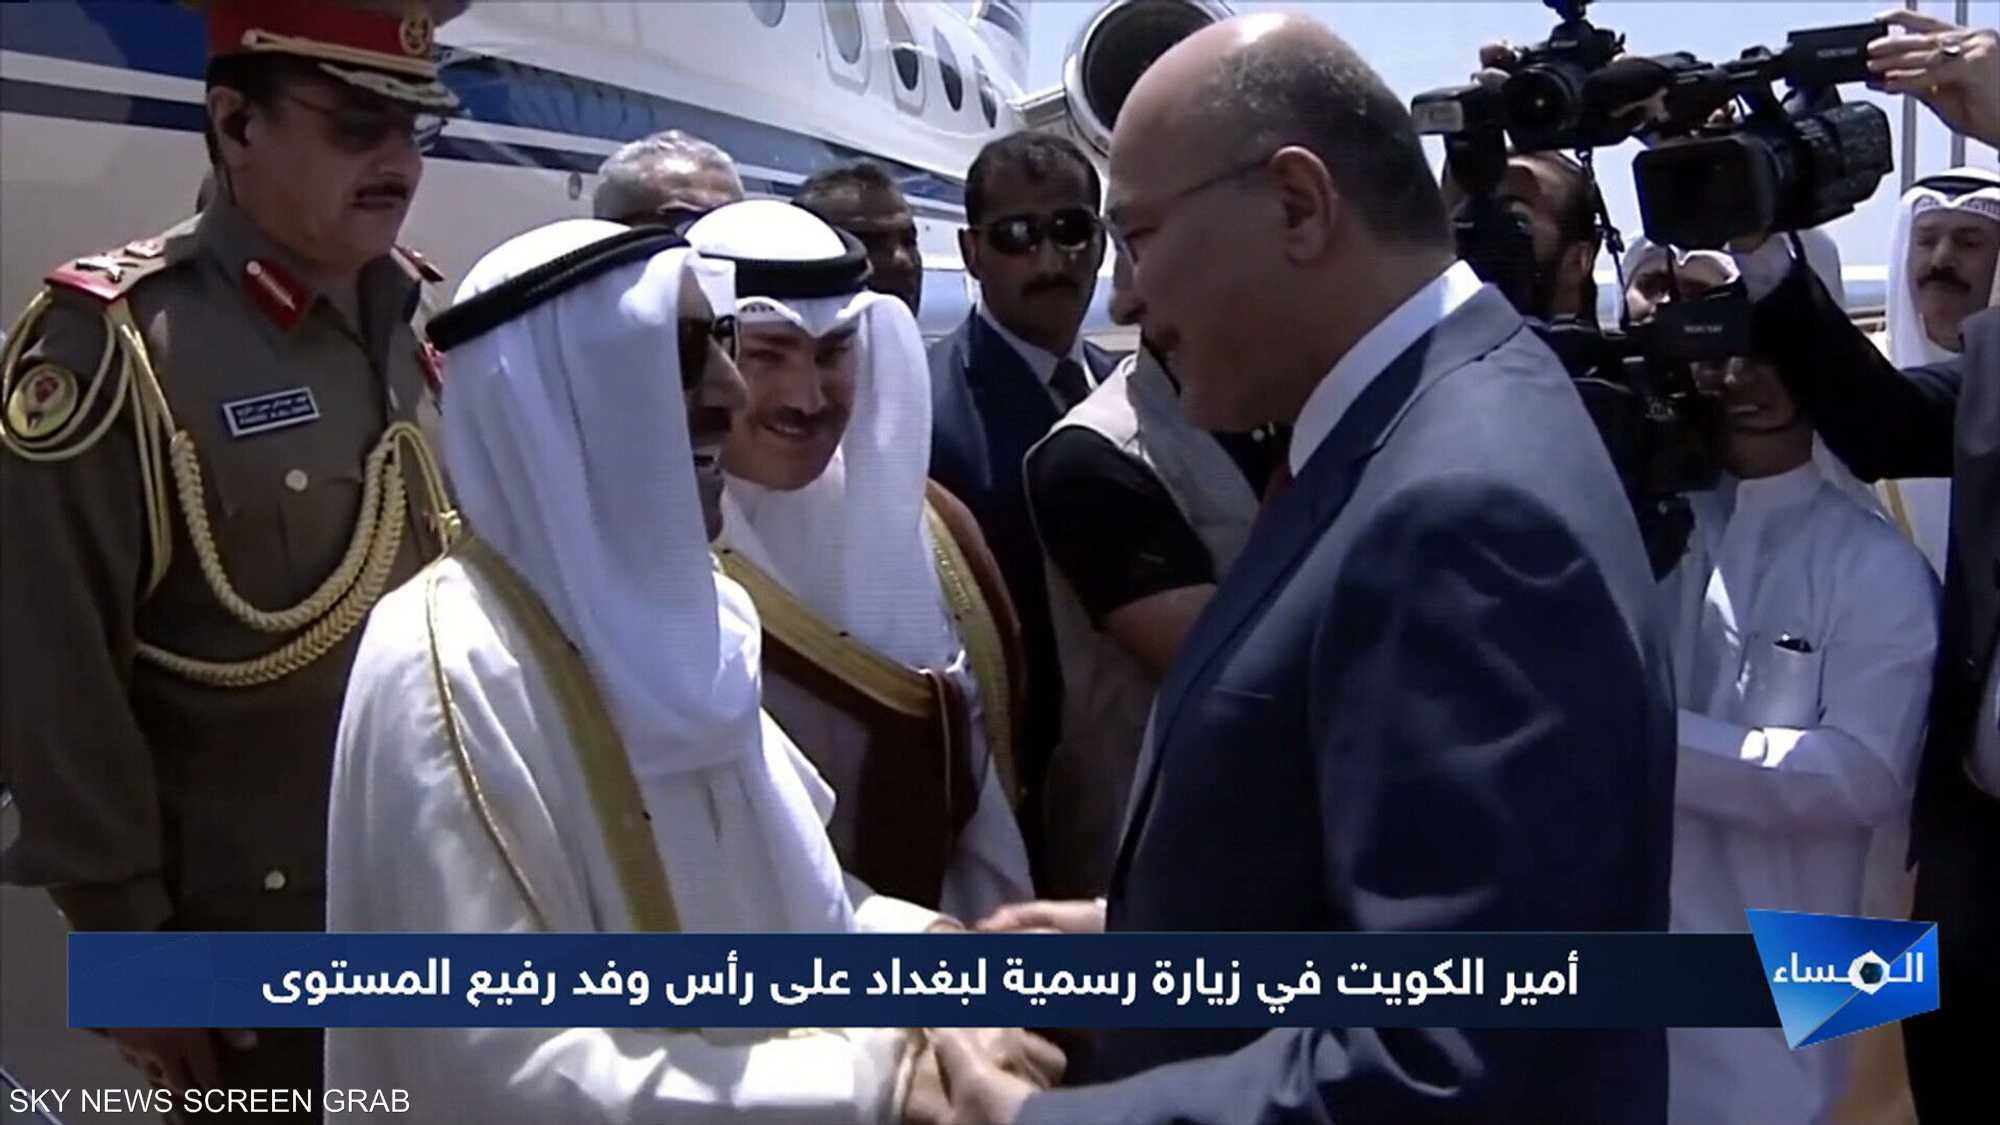 أمير الكويت يغادر بغداد بعد زيارة تاريخية